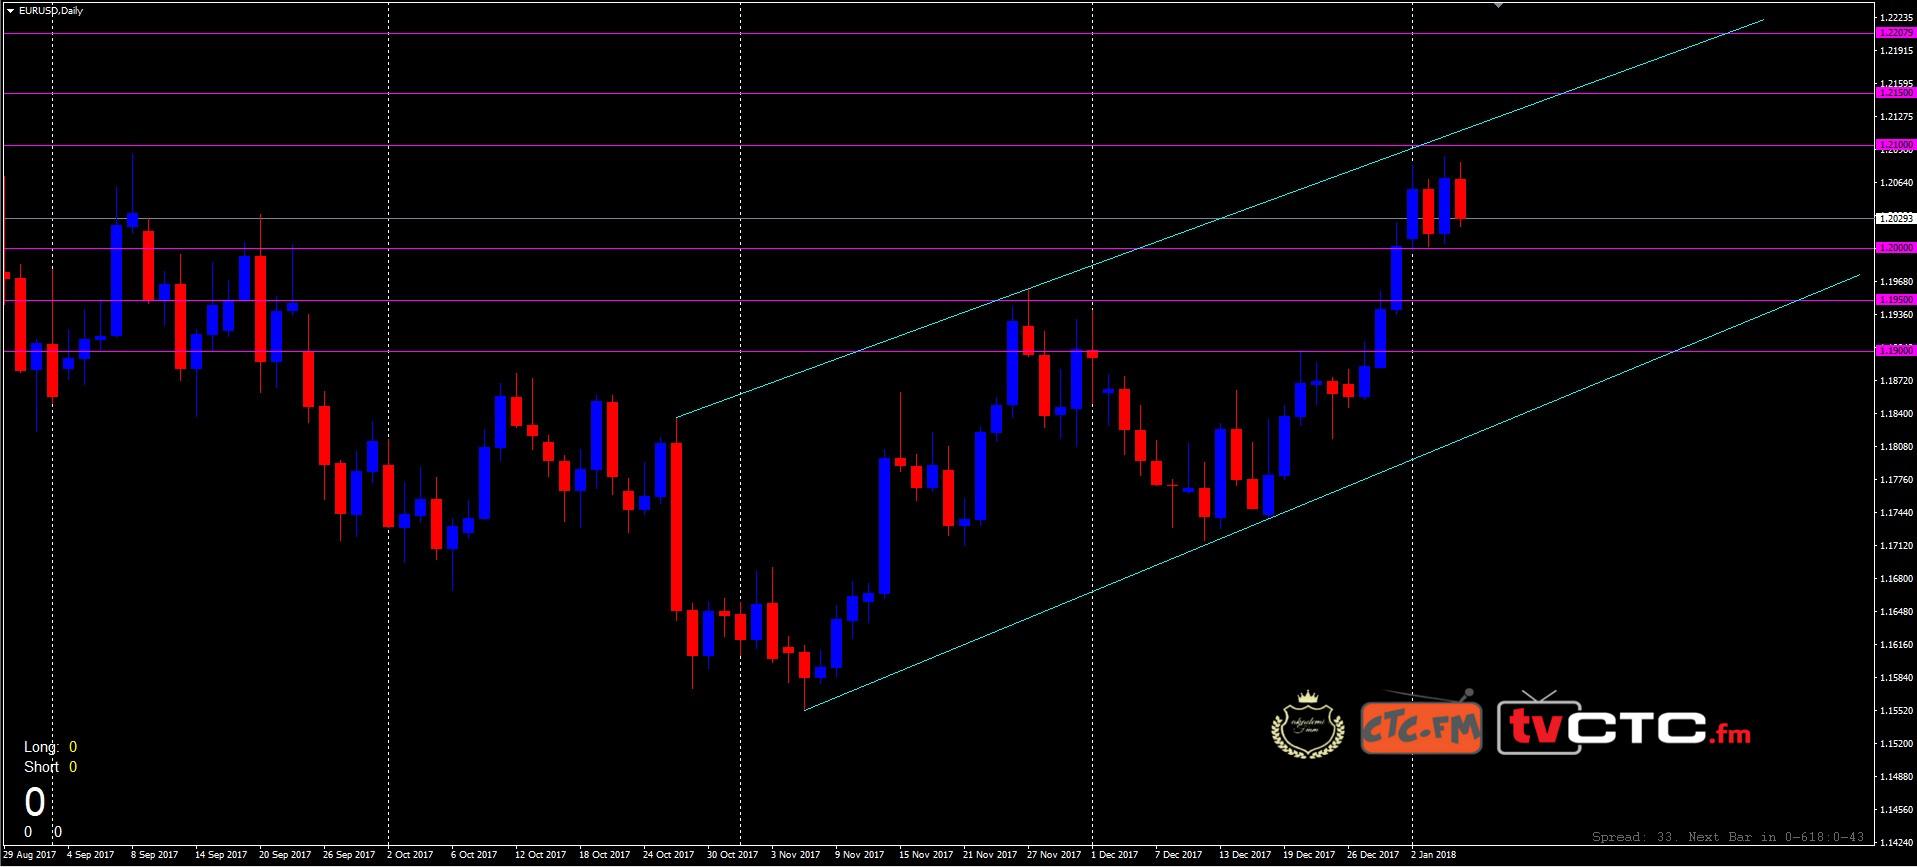 Währungen: Aktueller Wechselkurs zu Euro / US Dollar (EUR/USD) sowie Charts, Nachrichten und Währungsrechner.